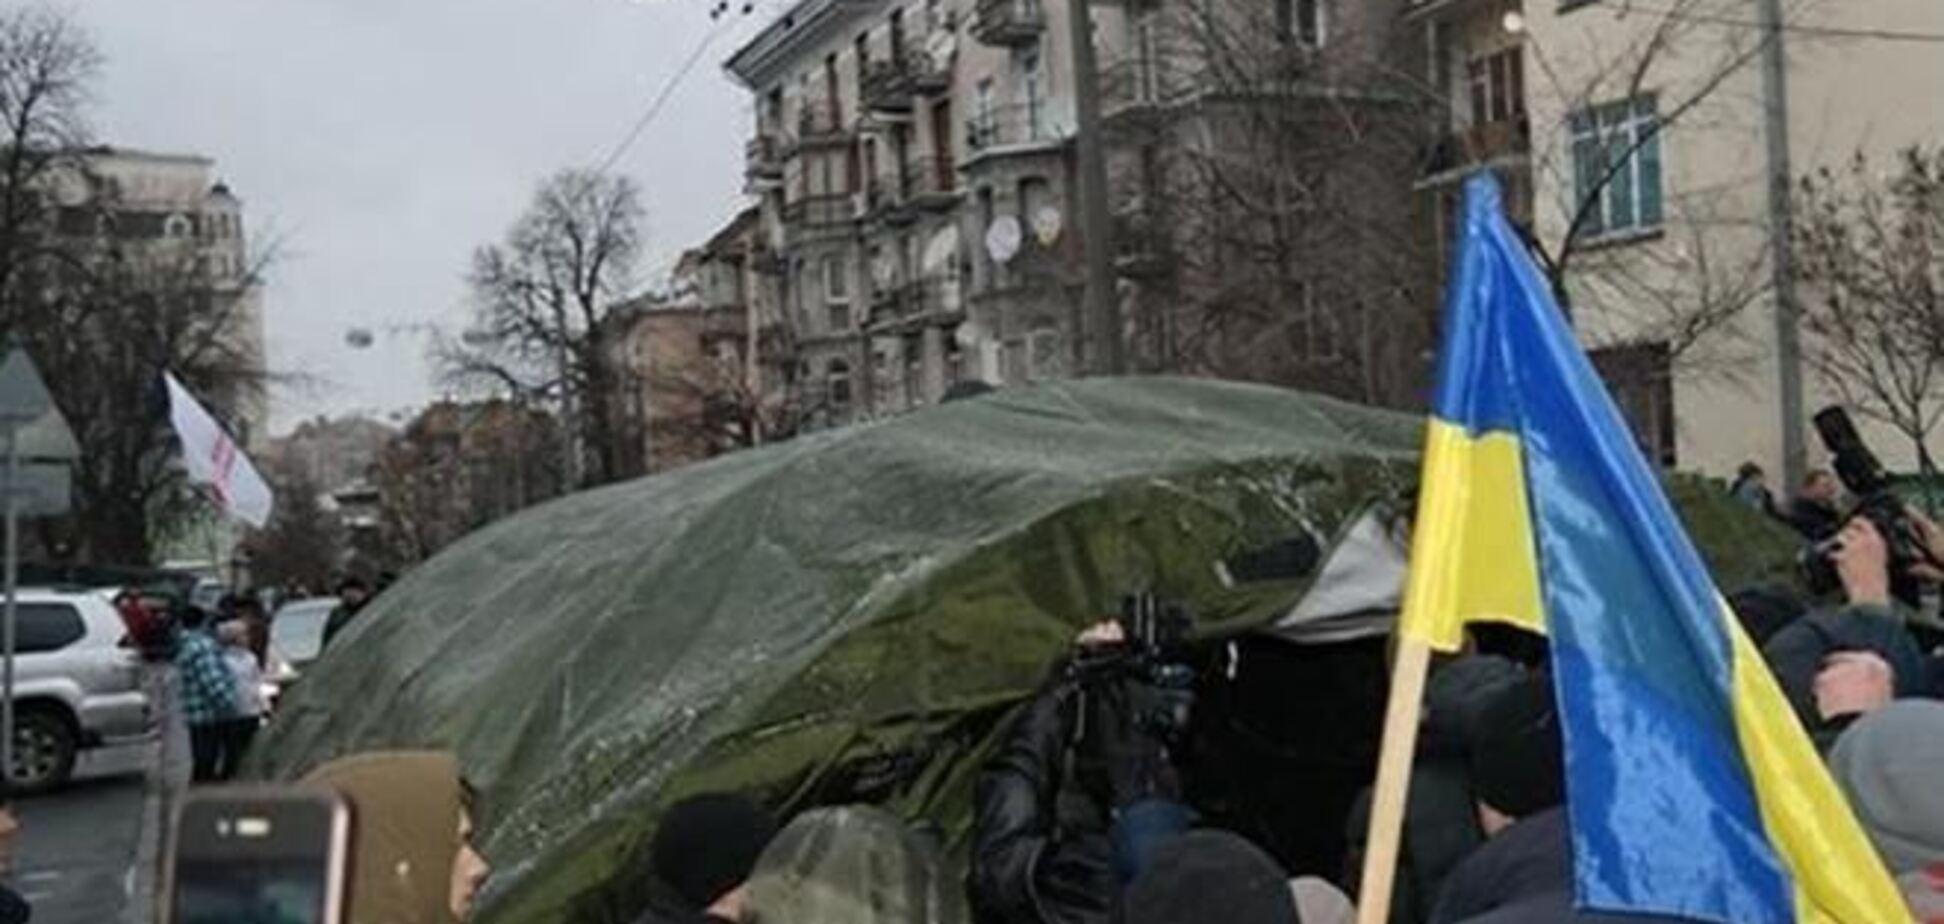 Евромайдановцы перекрыли палаткой ул. Институтскую